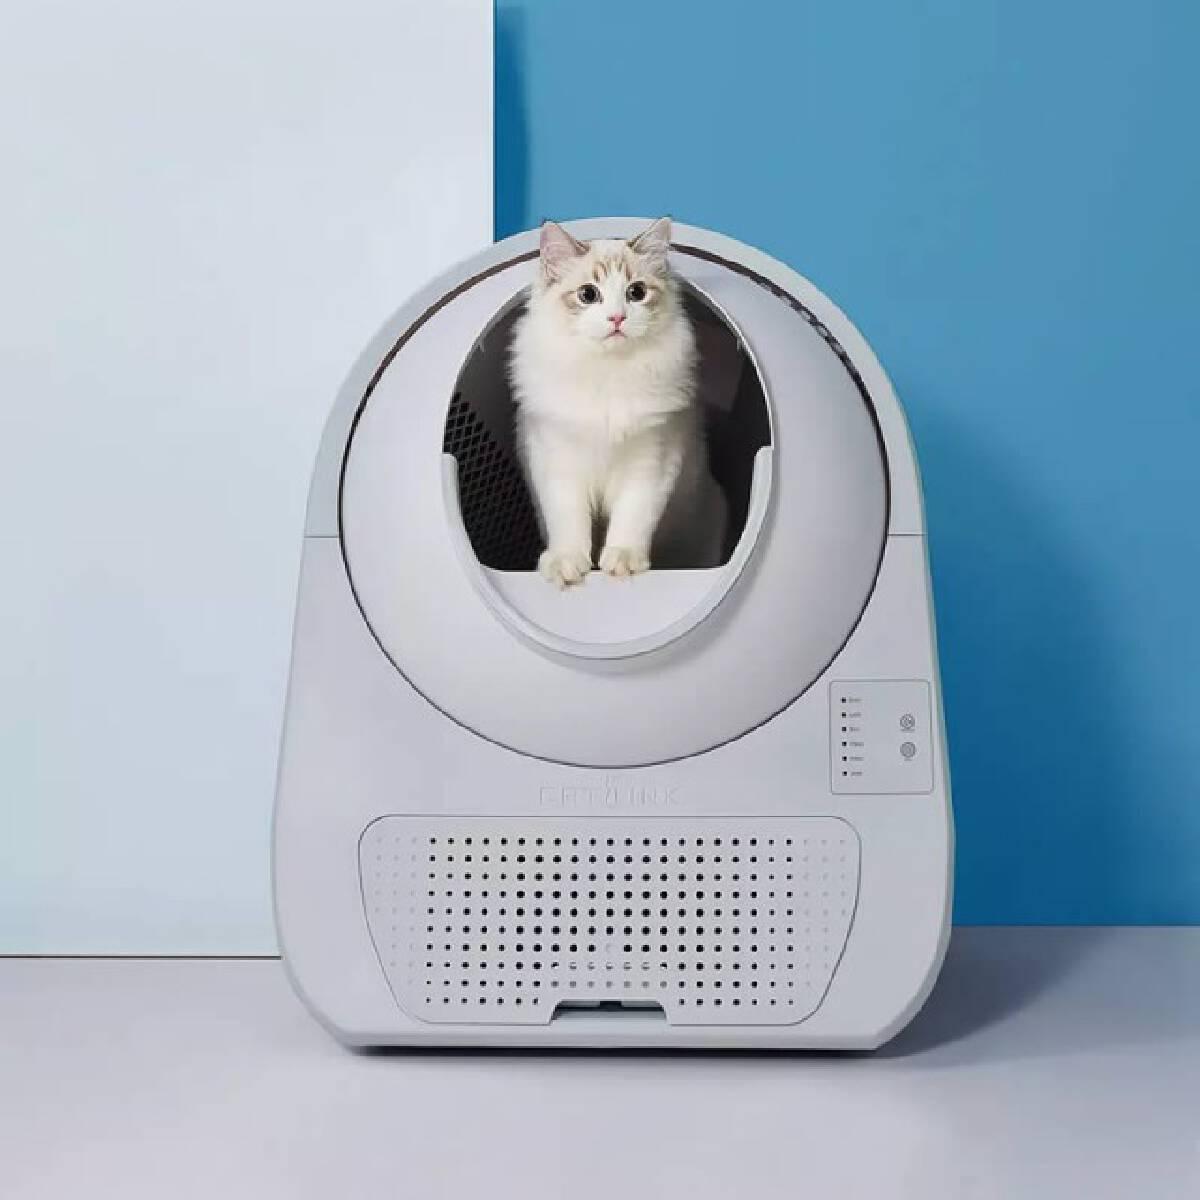 """ทาสแมวกรี๊ด Xiaomi เปิดตัว """"สุขาแมวอัจฉริยะ"""" ราคา 4,390 บาท"""